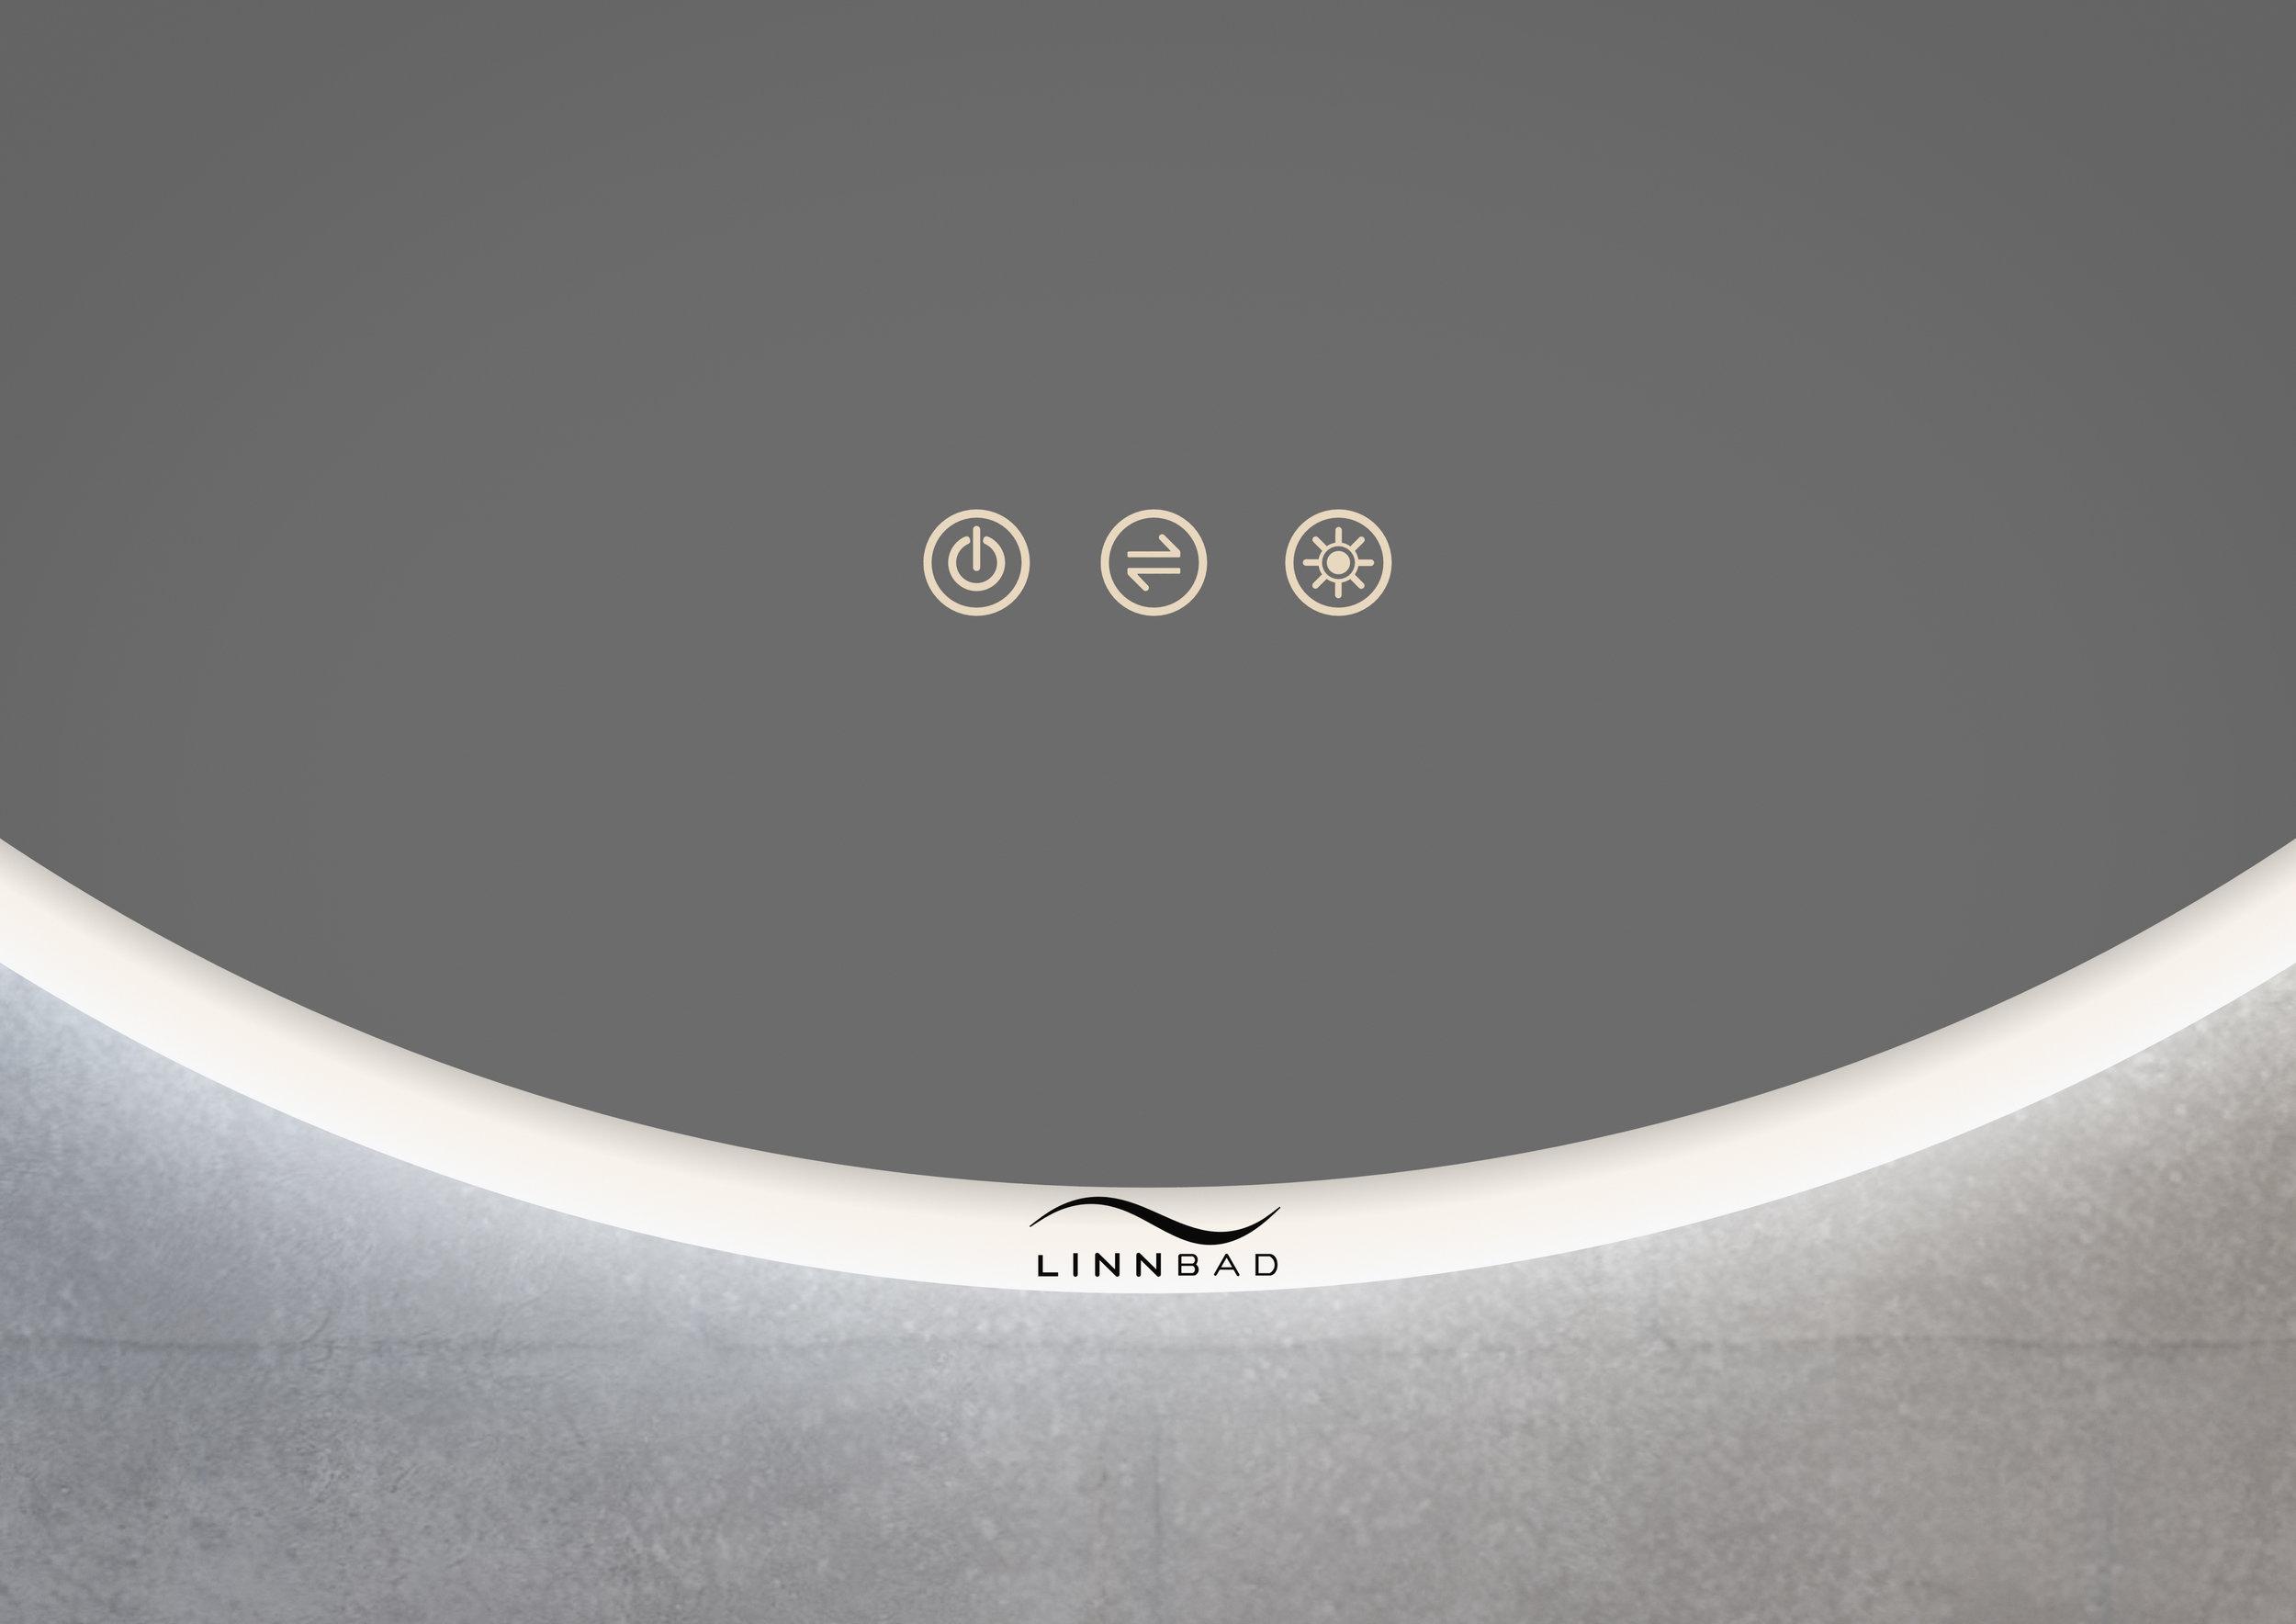 FINDEN rundt speil med brøringspanel har ulike funksjonar - dimmer, av/på, regulering av fargetemperatur og hukommelse